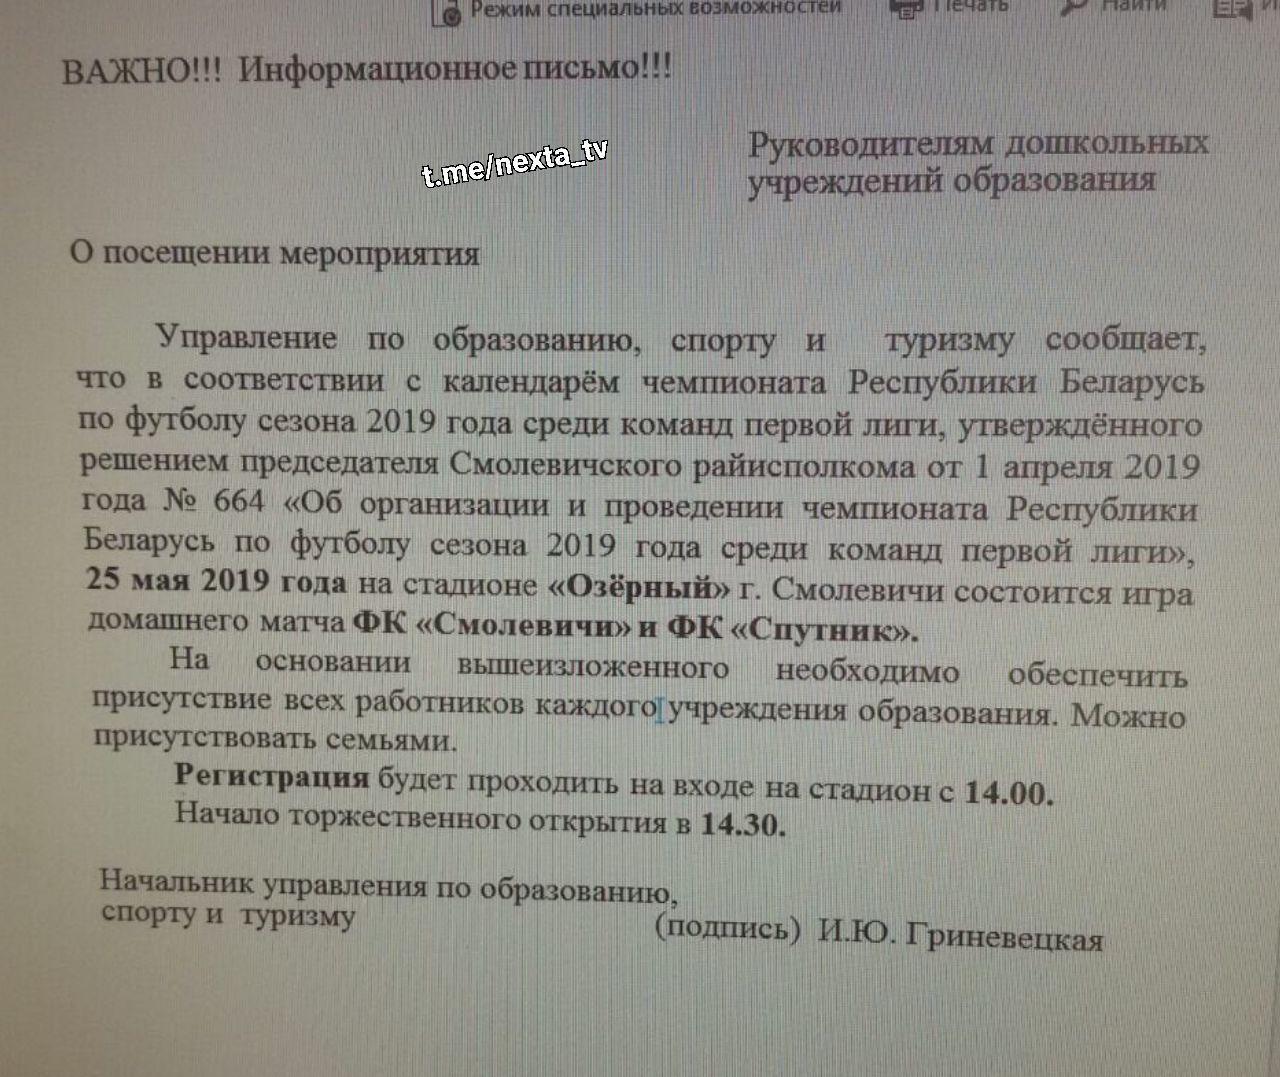 https://s5o.ru/storage/dumpster/5/c6/bffdf86b06b0cc693177ef978ac1a.JPG